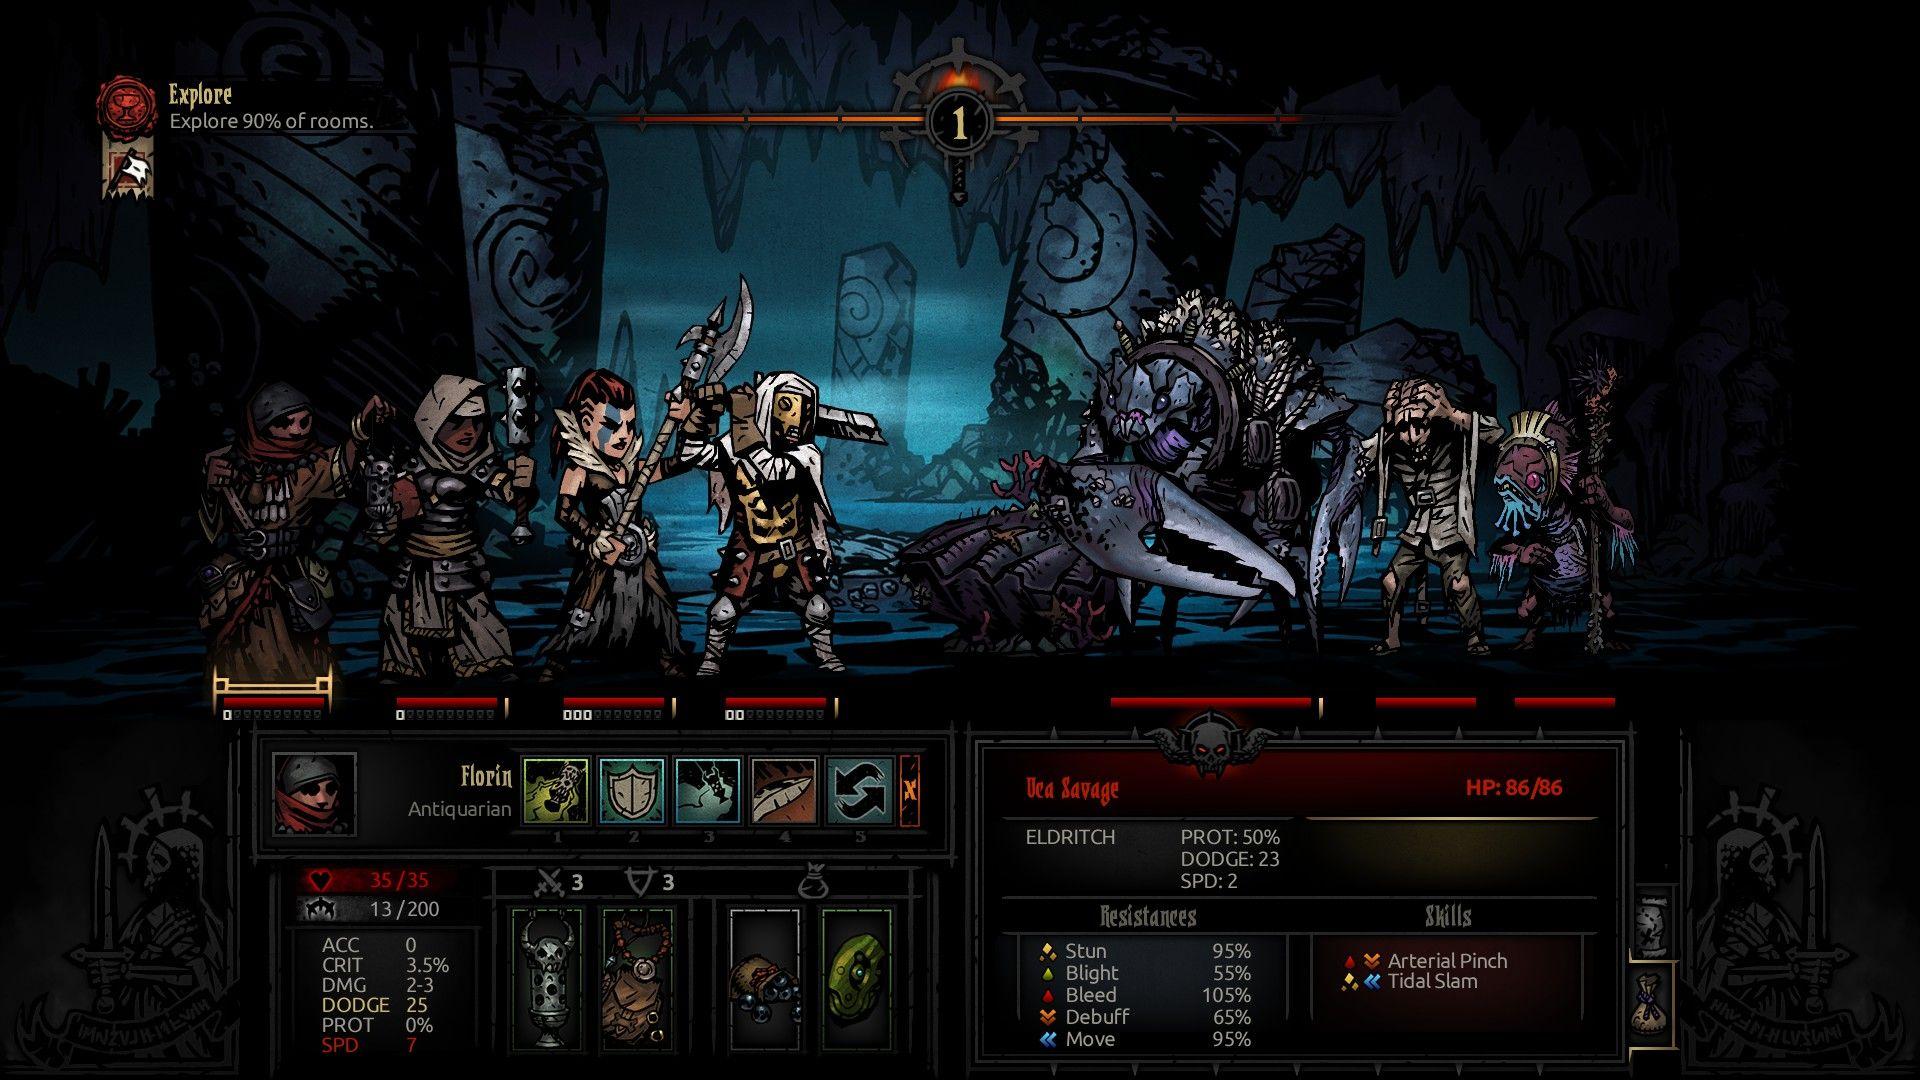 Difficult Enemies Await In The Cove Darkest Dungeon Darkest Dungeon Indie Games Concept Art